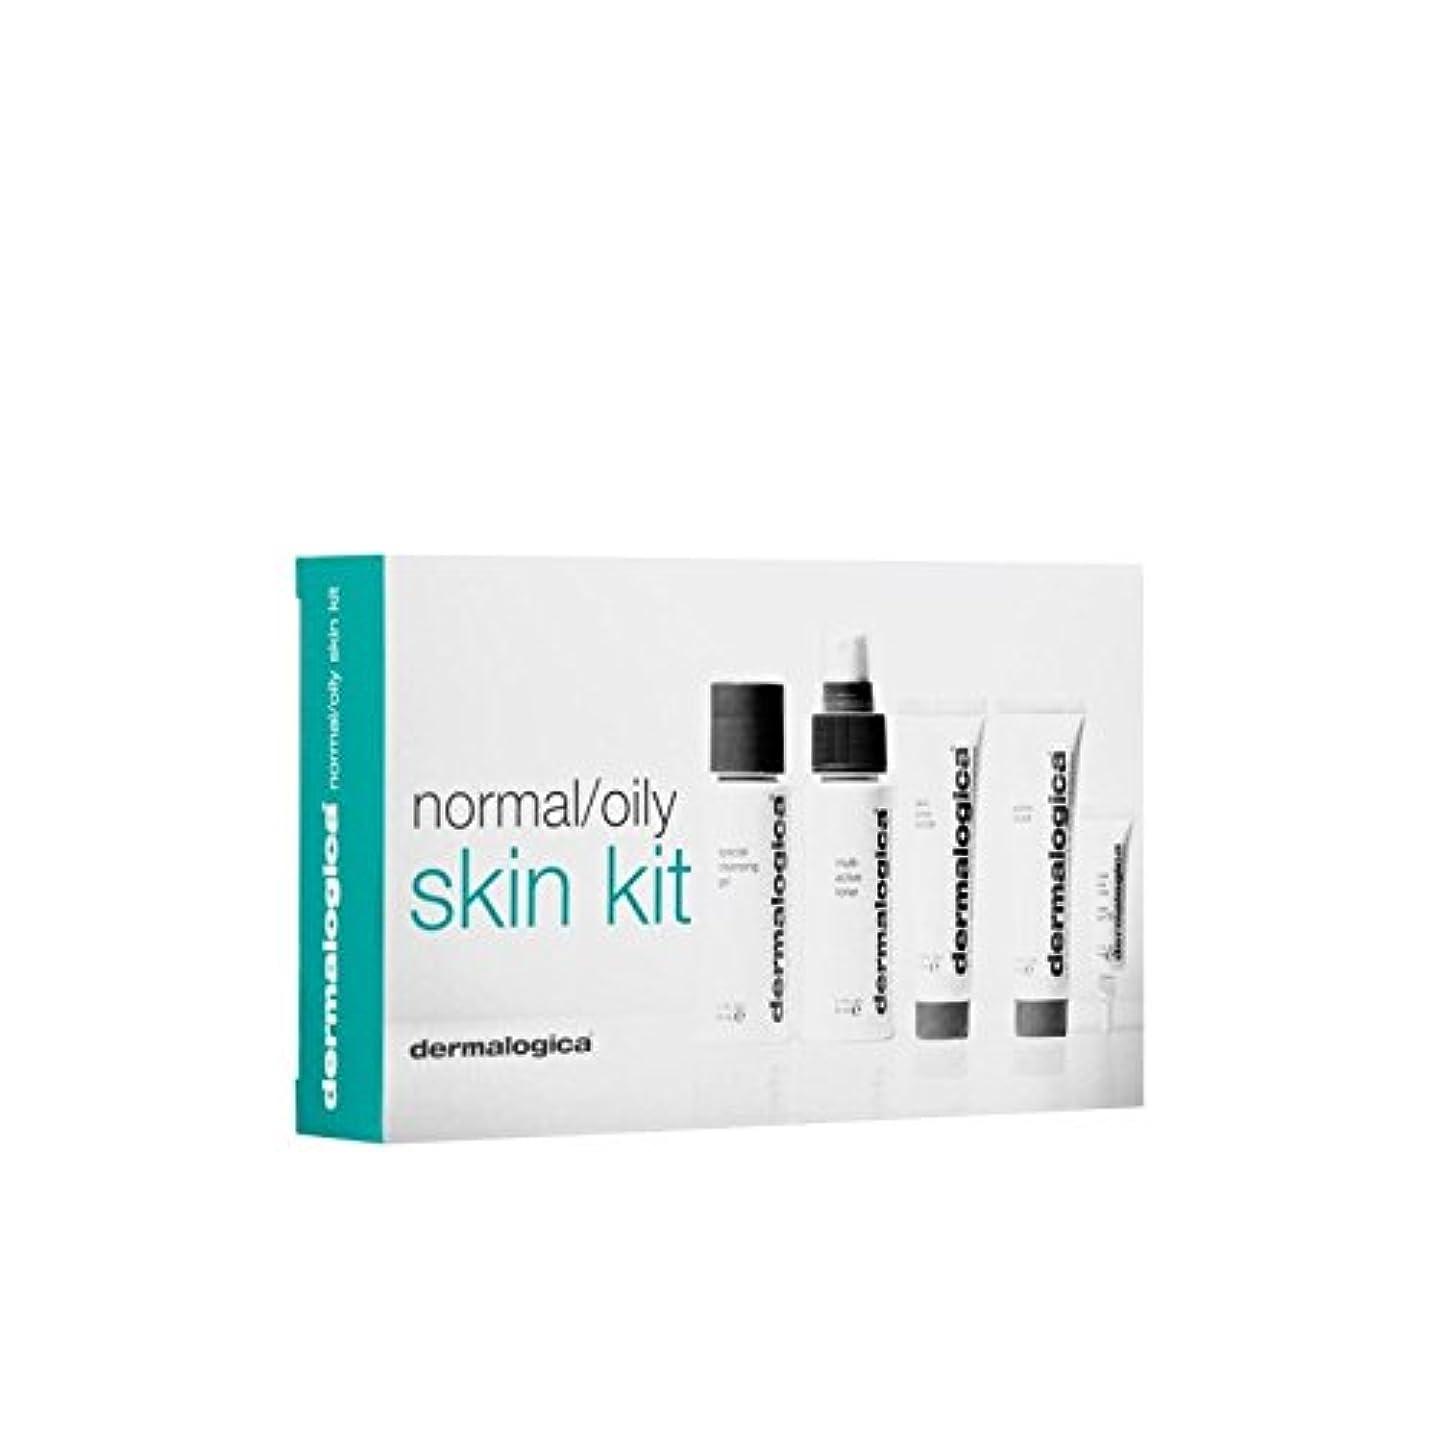 アフリカバイアス二年生ダーマロジカスキンキット - ノーマル/オイリー(5製品) x2 - Dermalogica Skin Kit - Normal/Oily (5 Products) (Pack of 2) [並行輸入品]